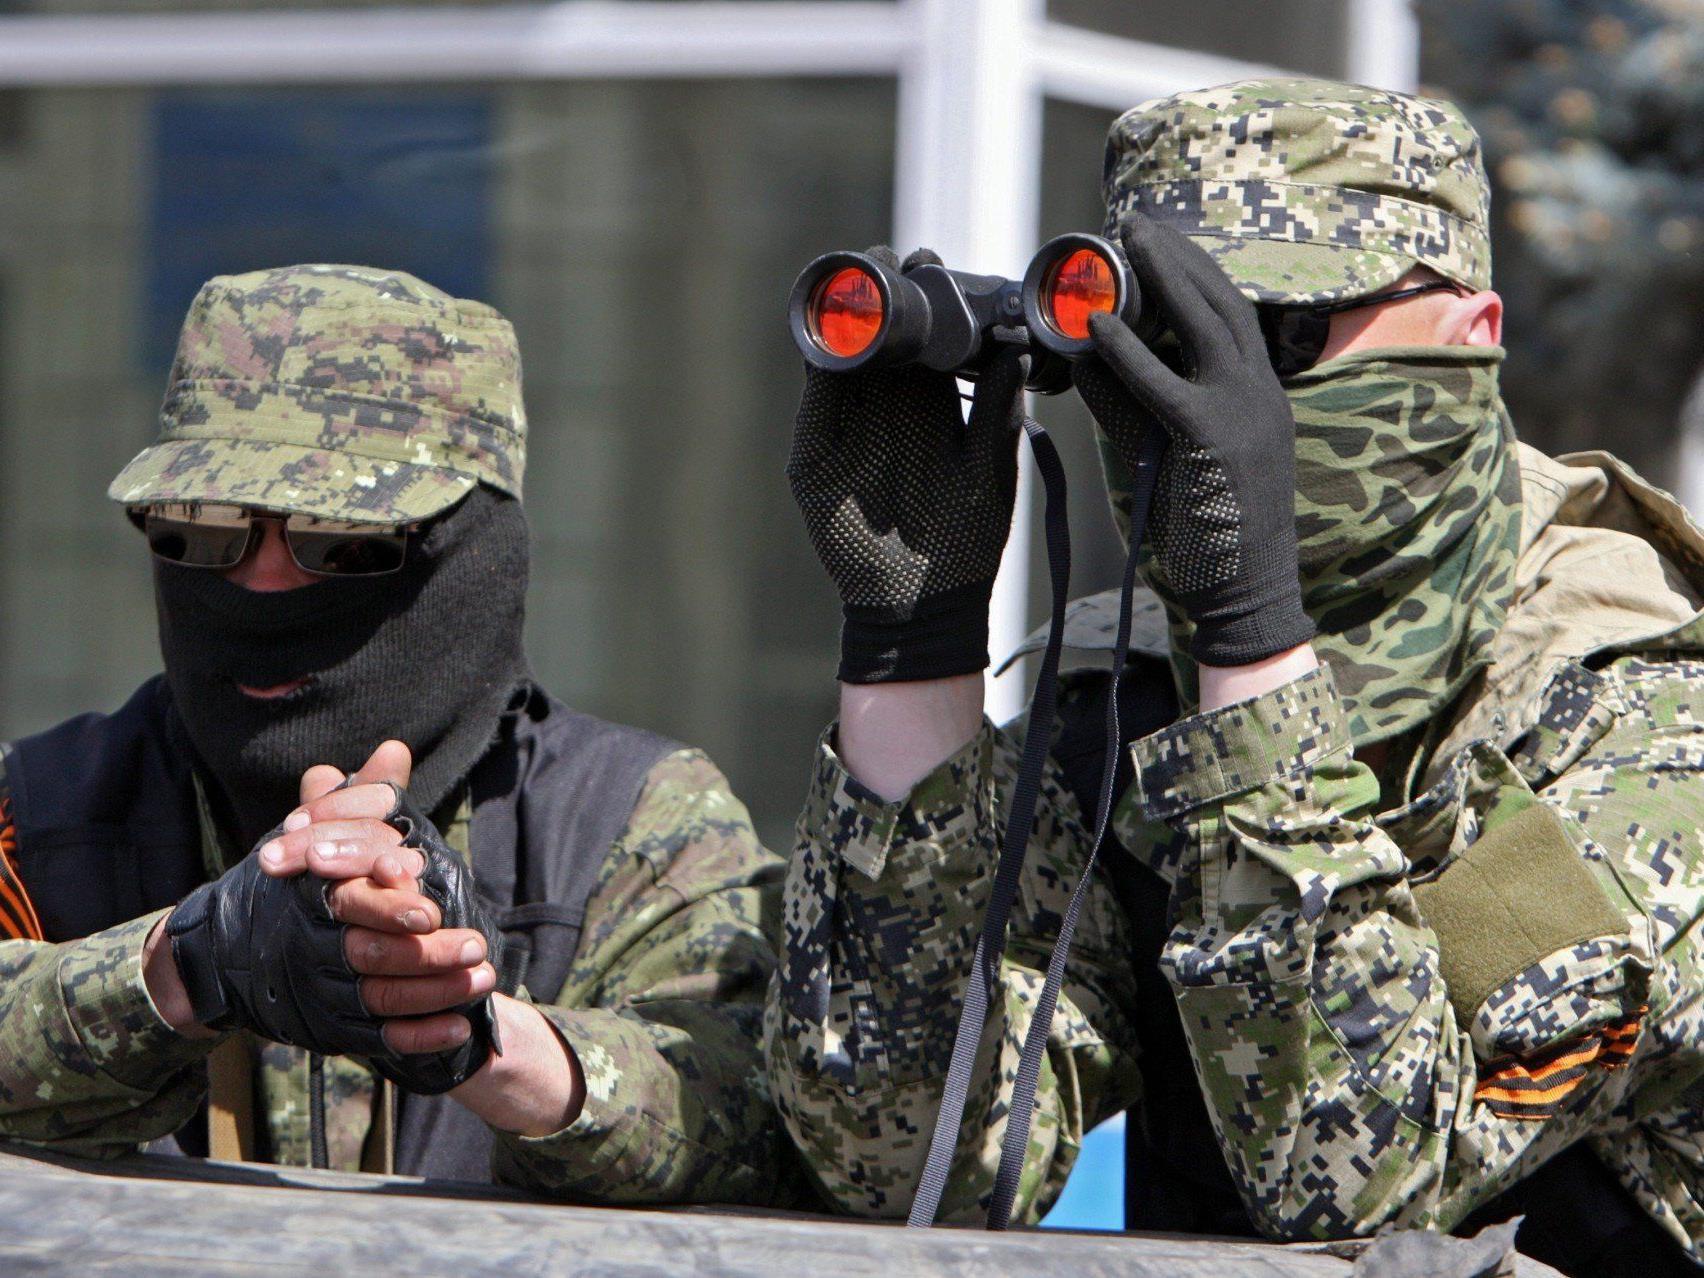 Militärbeobachter weiterhin in Händen pro-russischer Separatisten.